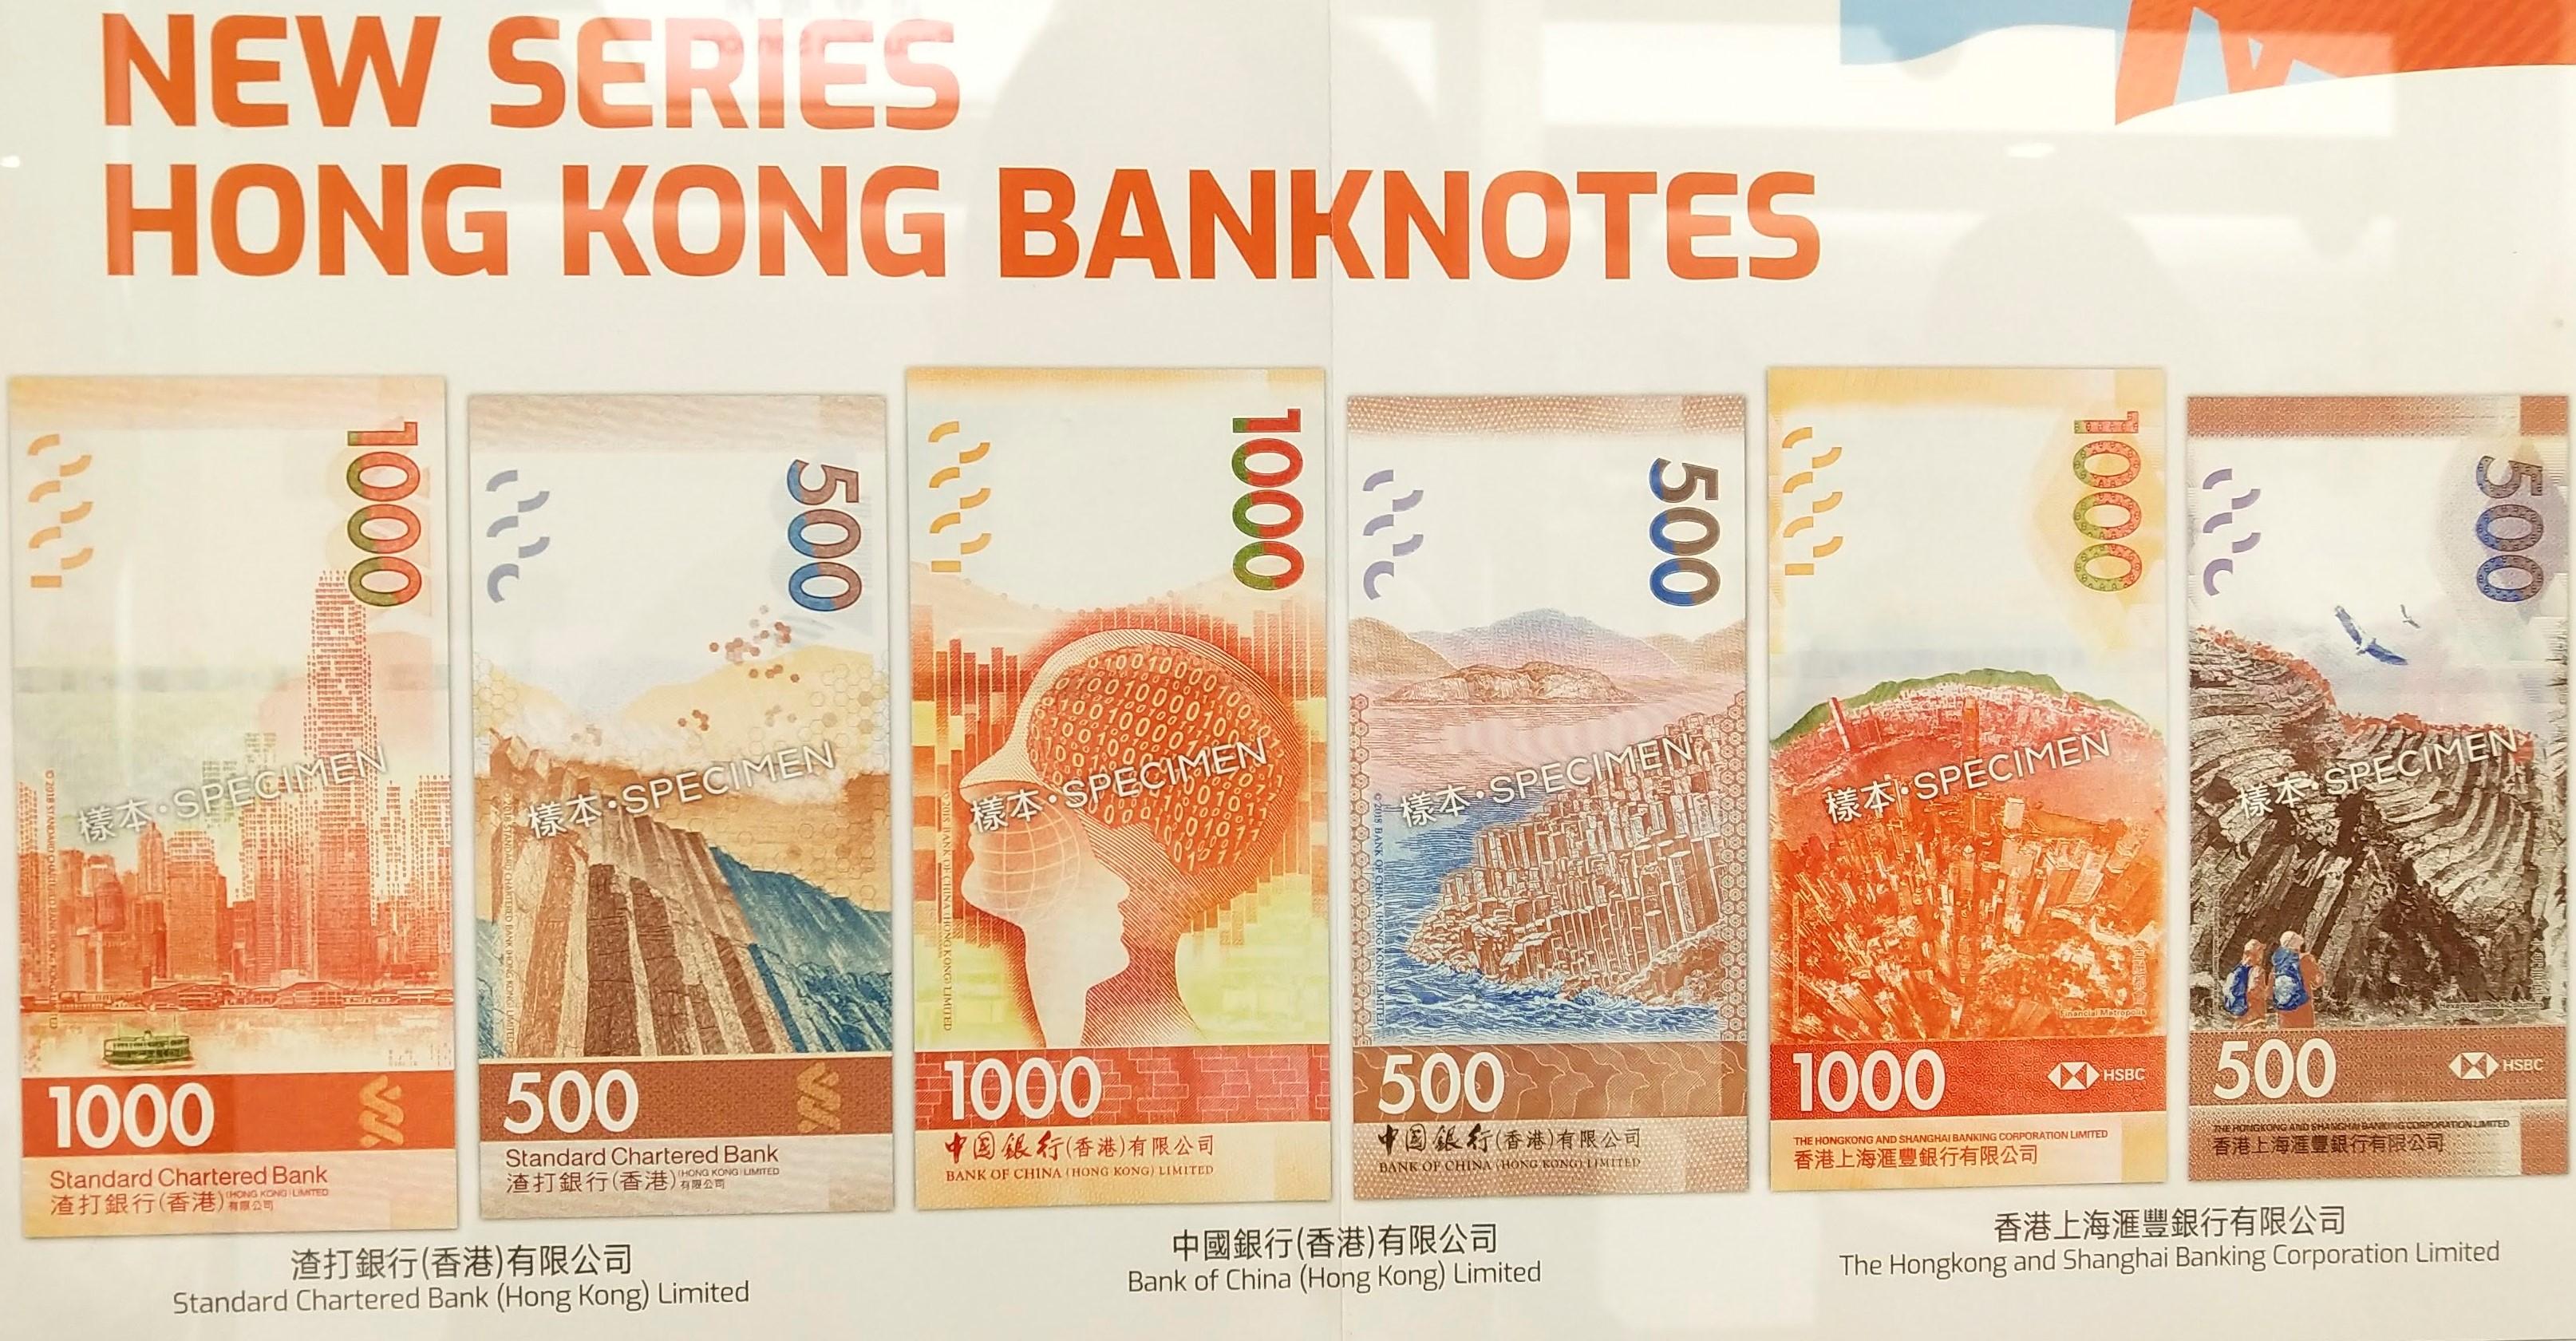 500, 1000 Hong Kong Dollar note 2018 series